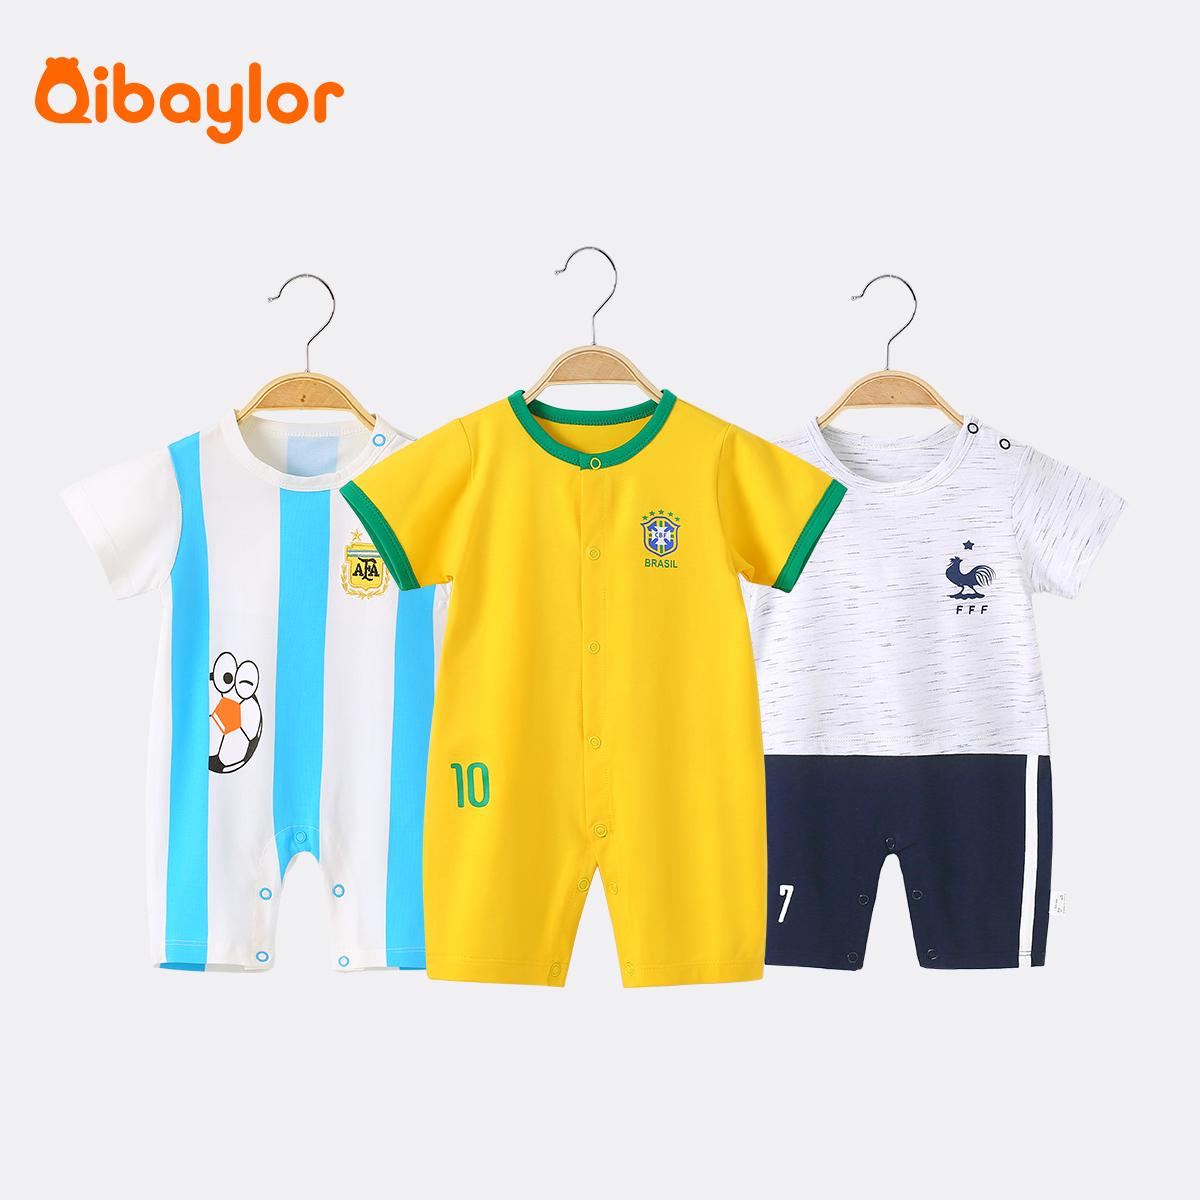 婴儿连体衣3新生儿4衣服5夏装6薄款女夏季男宝宝9夏天7八个月8夏2